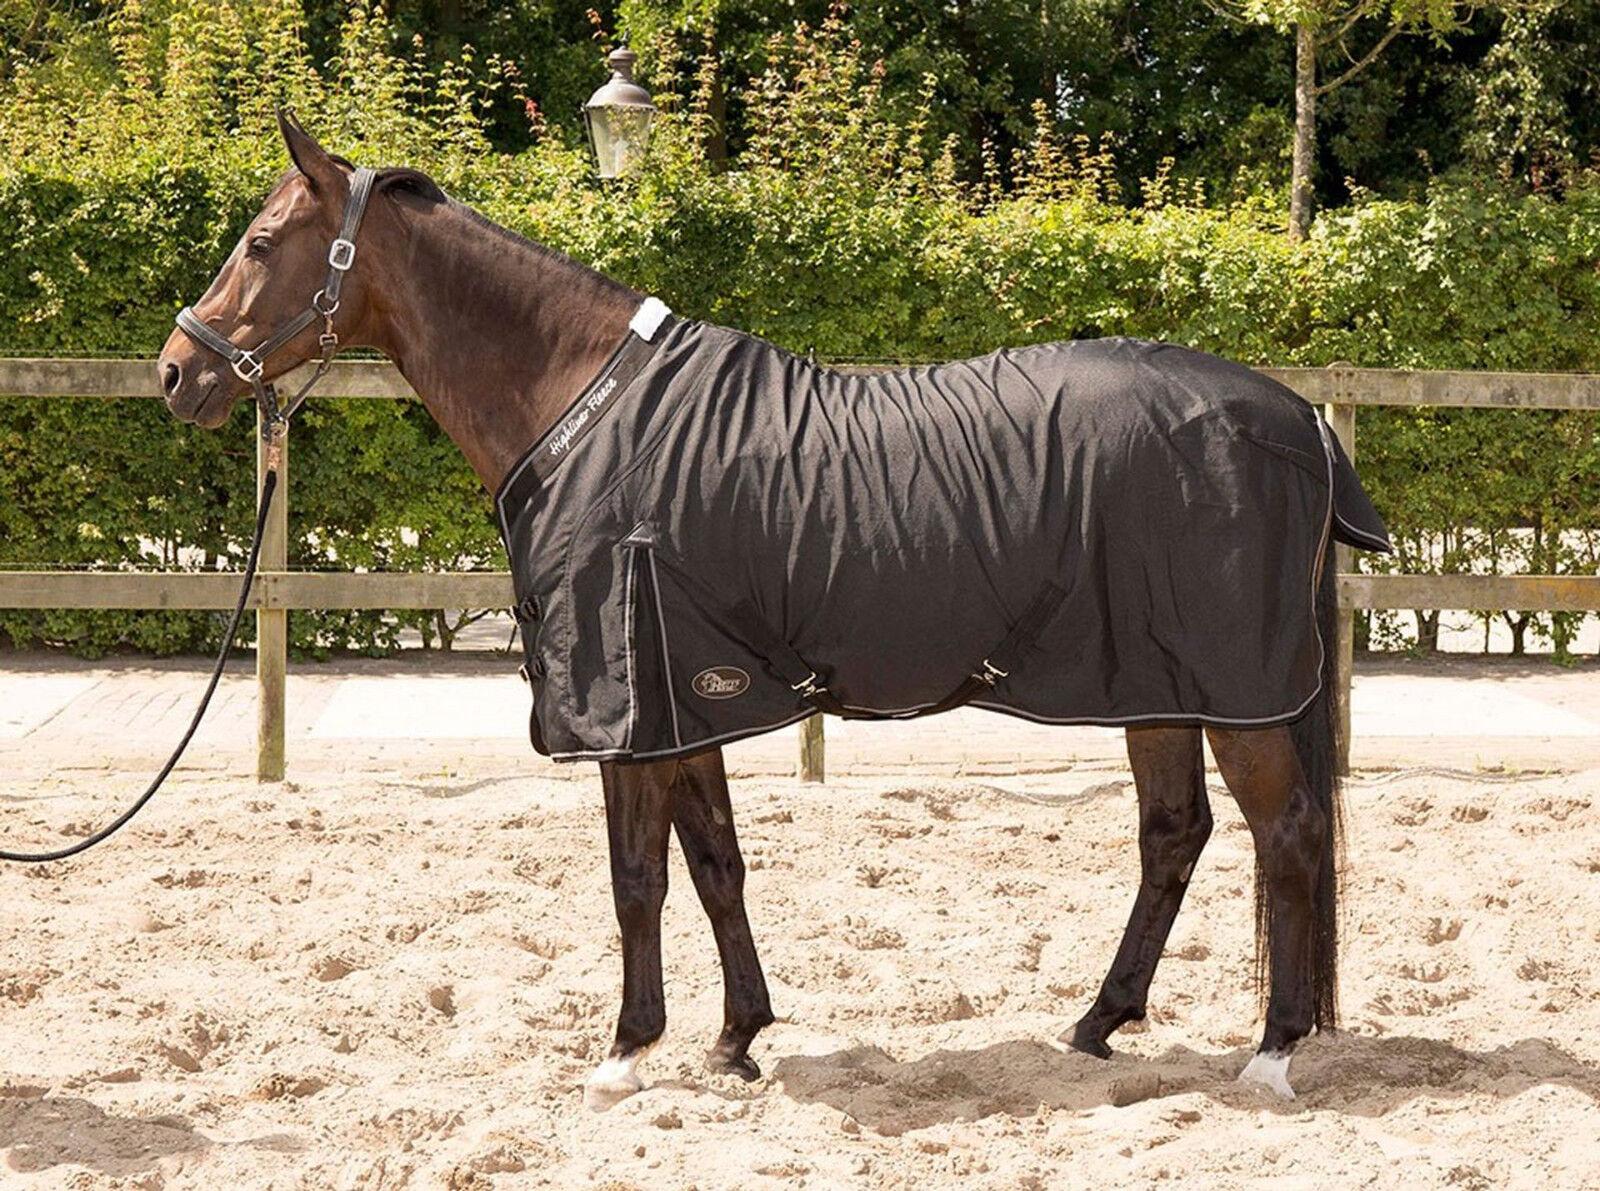 Harry's Horse sDimensione soffitto highliner 0g fodera in pile mini collo transitorio soffitto